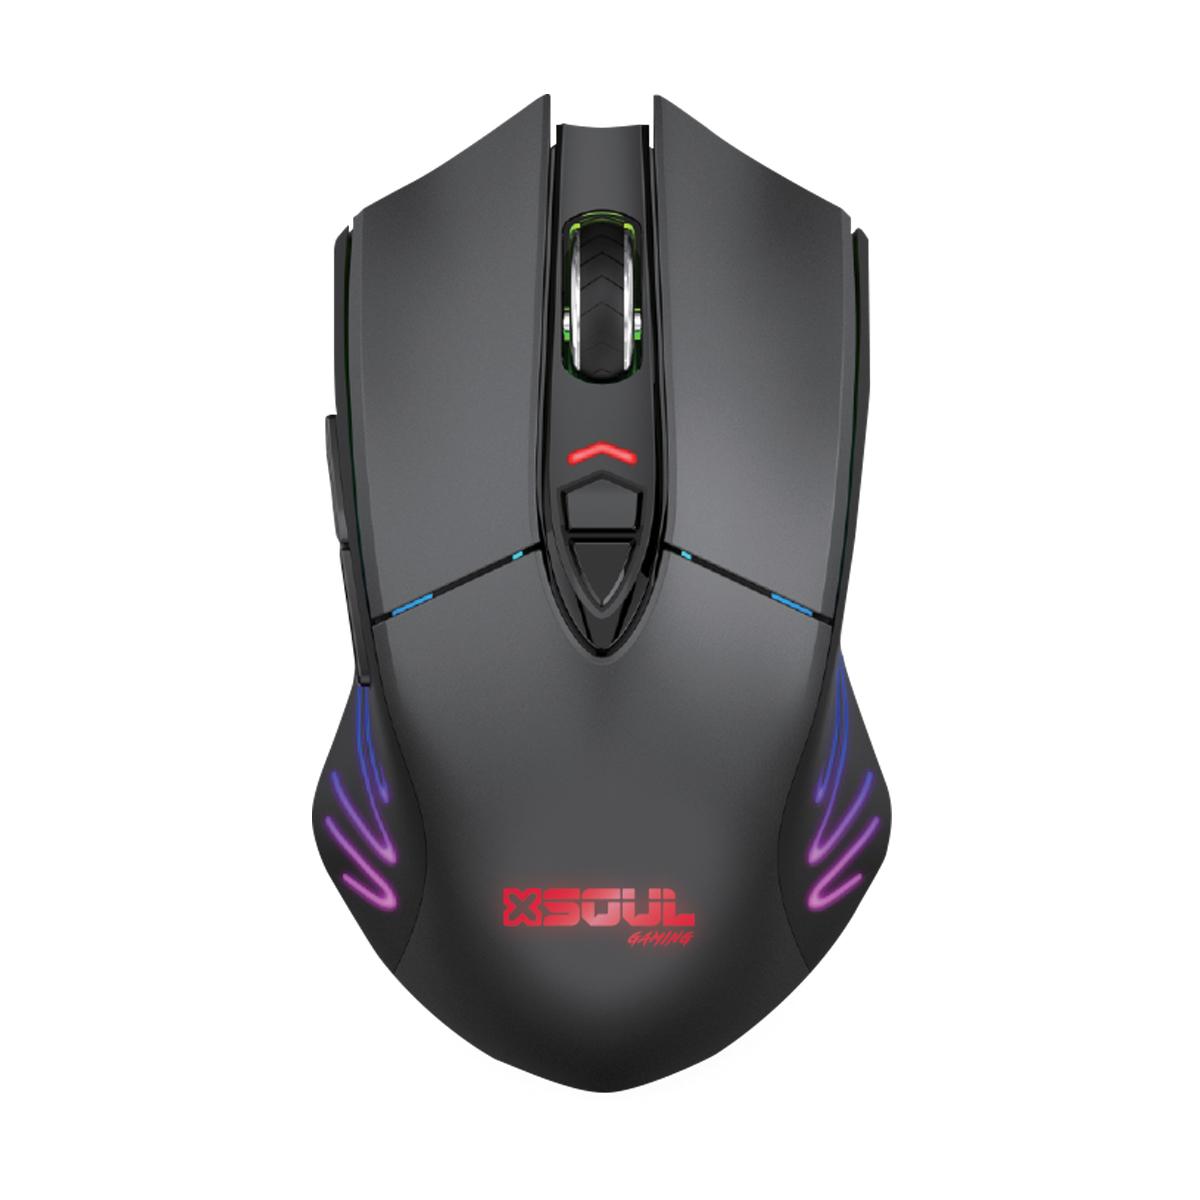 Mouse Dual XM 1000